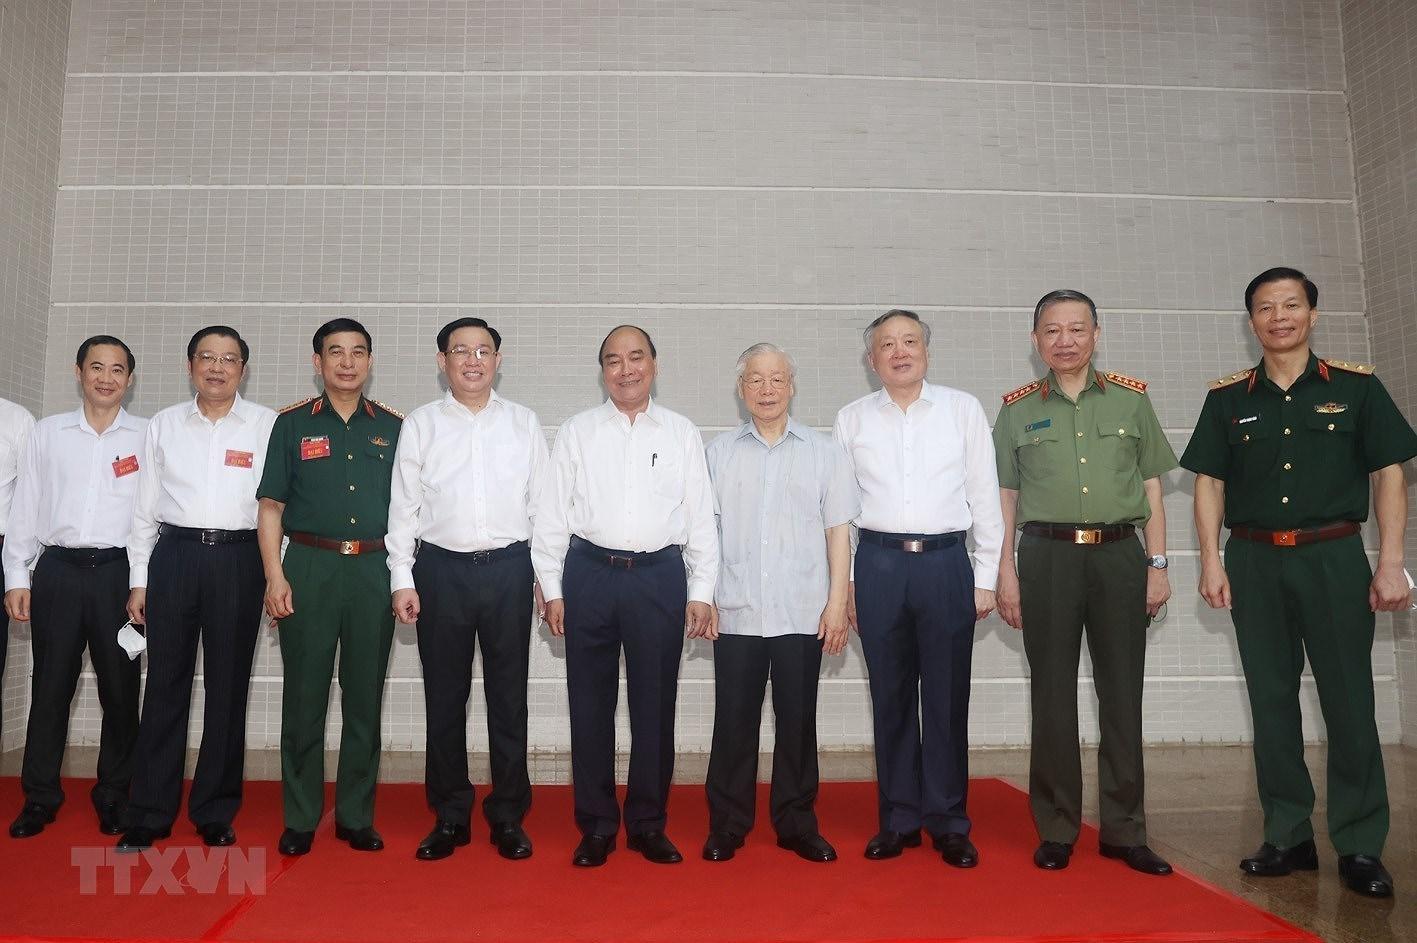 [Photo] Tong Bi thu chu tri Hoi nghi toan quoc cac co quan noi chinh hinh anh 1